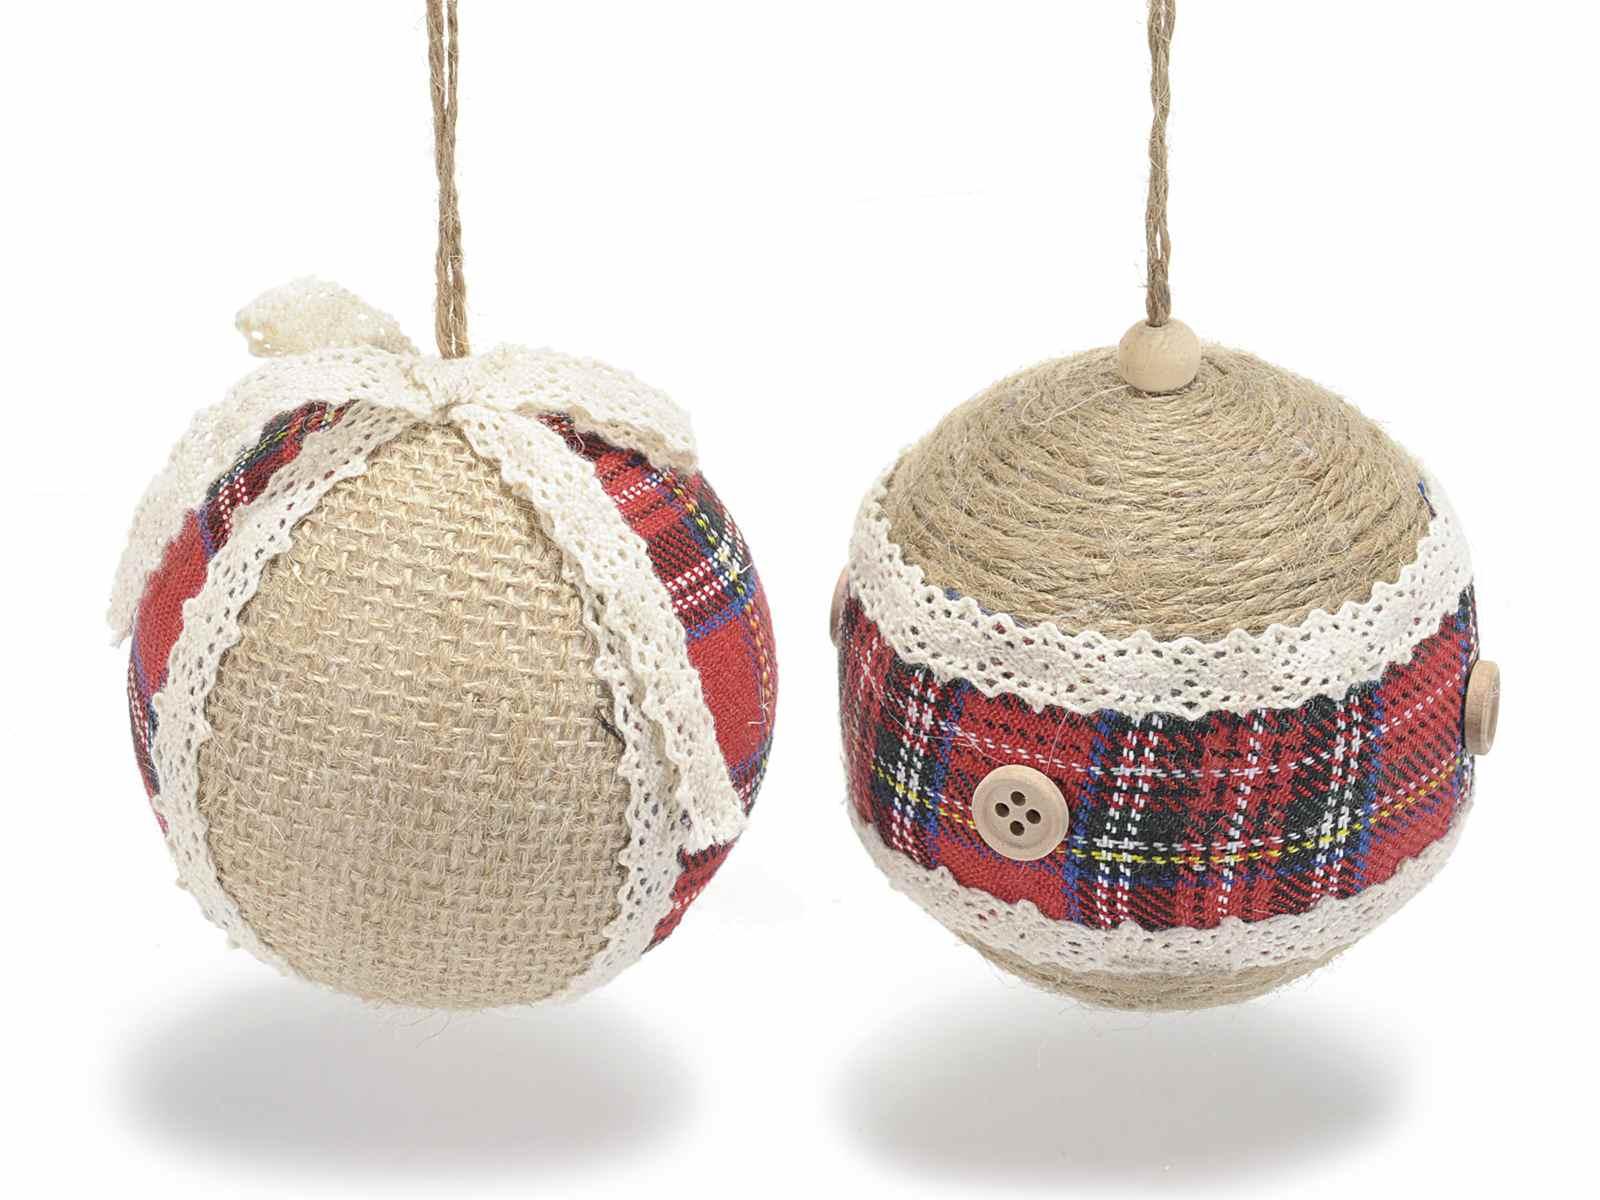 Boule de noel avec decorations en dentelle et tissu art from italy - Boule de noel en tissu ...